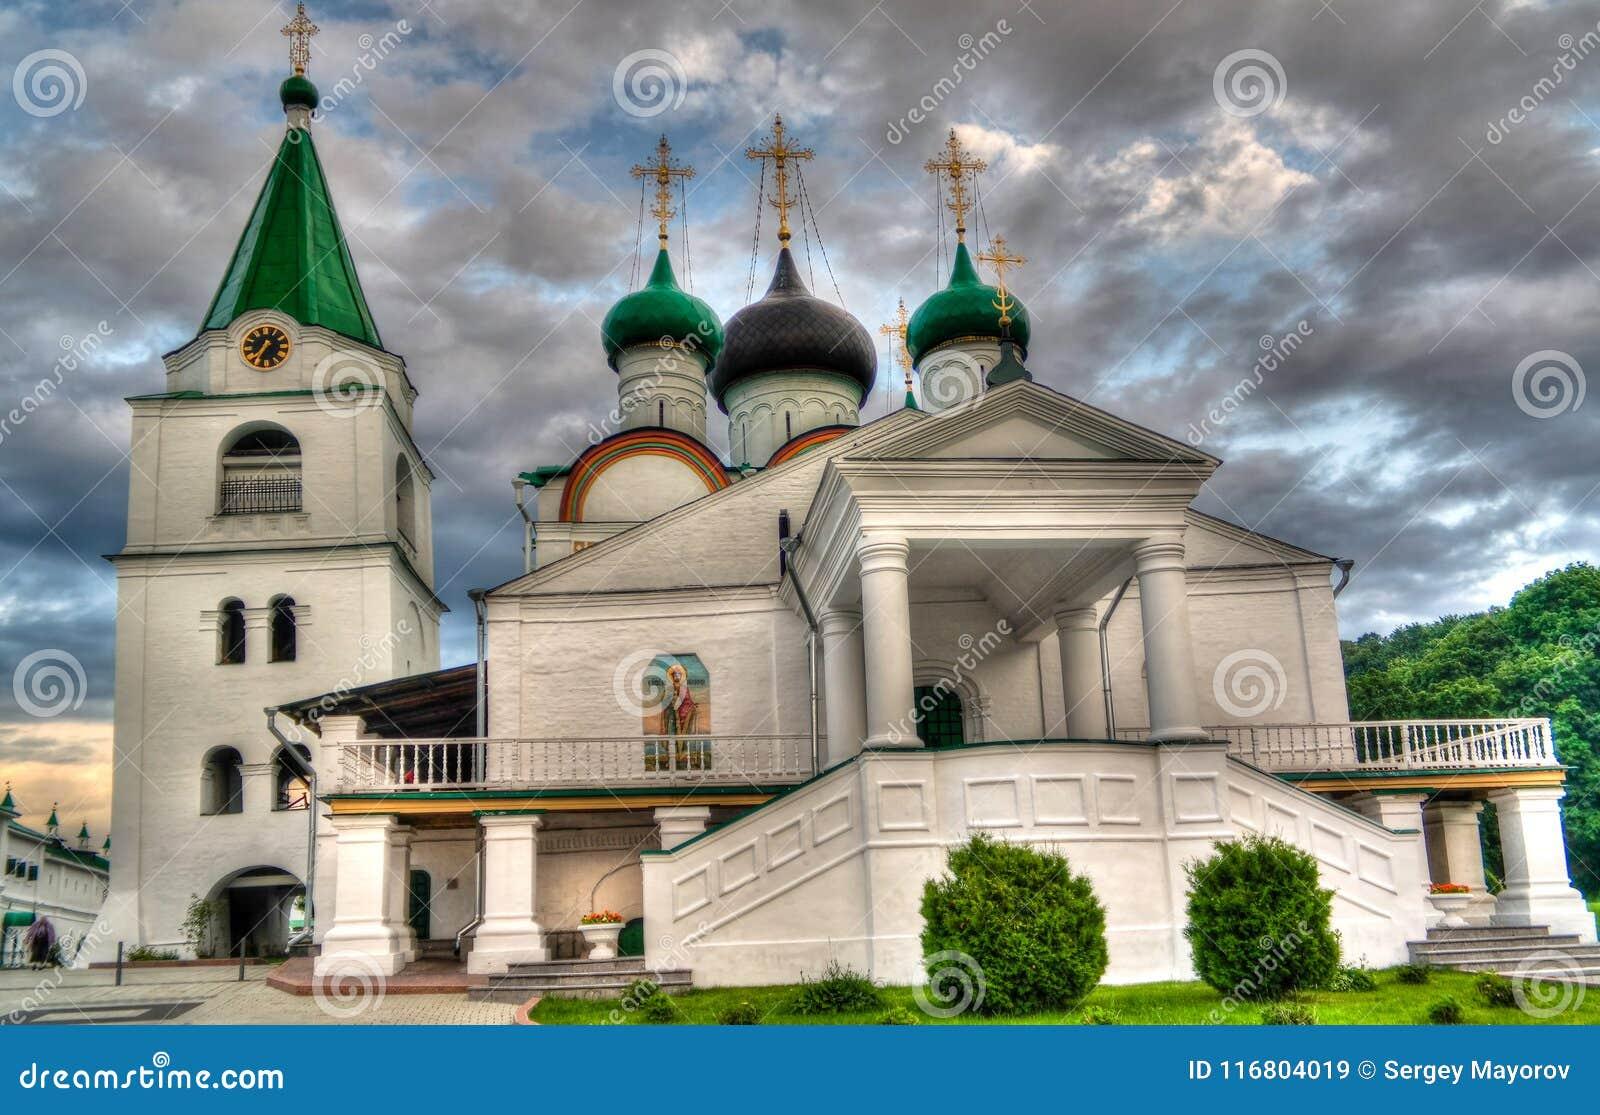 Vista al monastero ortodosso di ascensione di Pechersky, Nižnij Novgorod, Russia